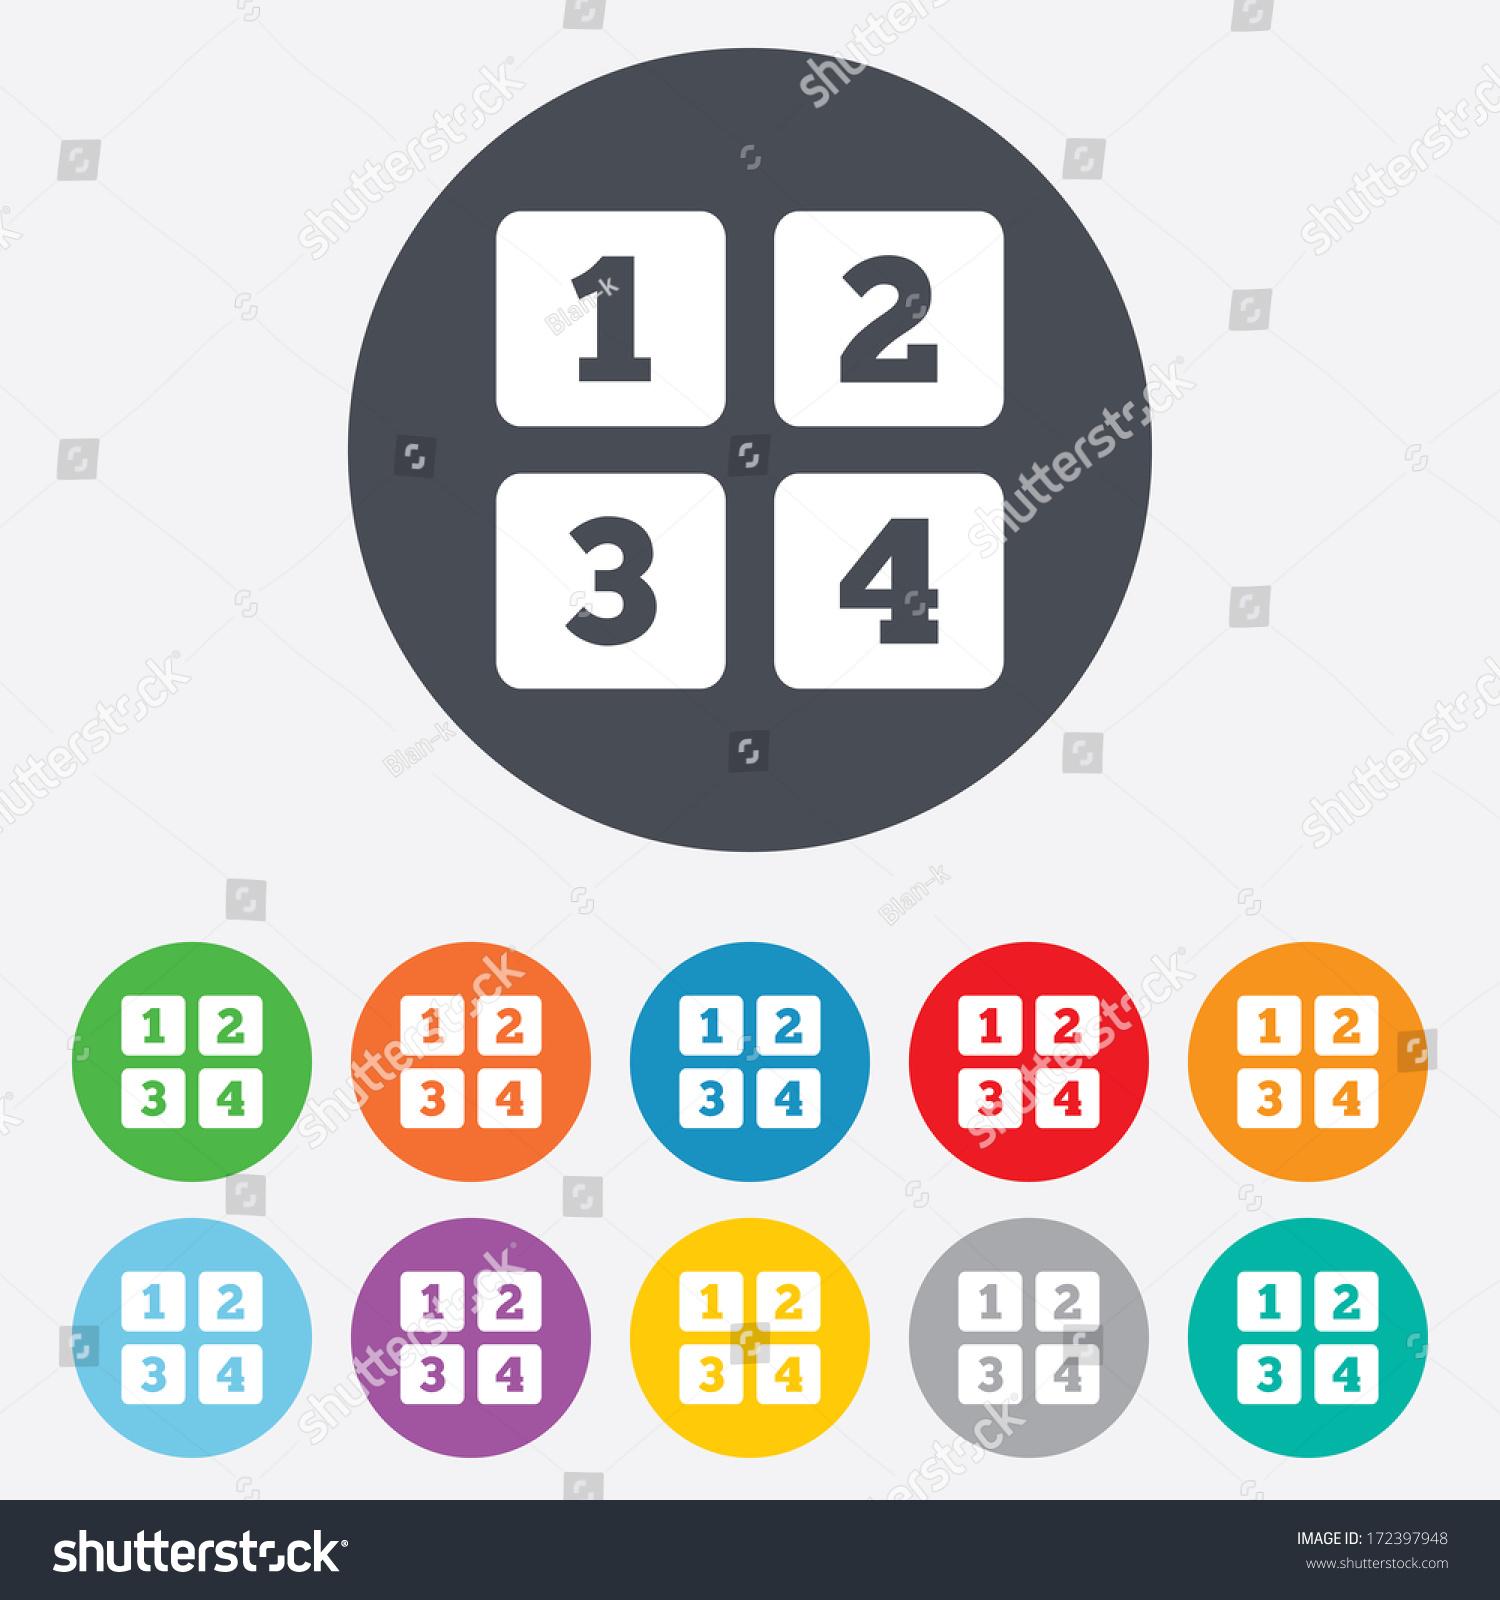 Keyboard symbols explained choice image symbol and sign ideas degree symbol apple keyboard images symbol and sign ideas symbol for degrees on keyboard image collections buycottarizona